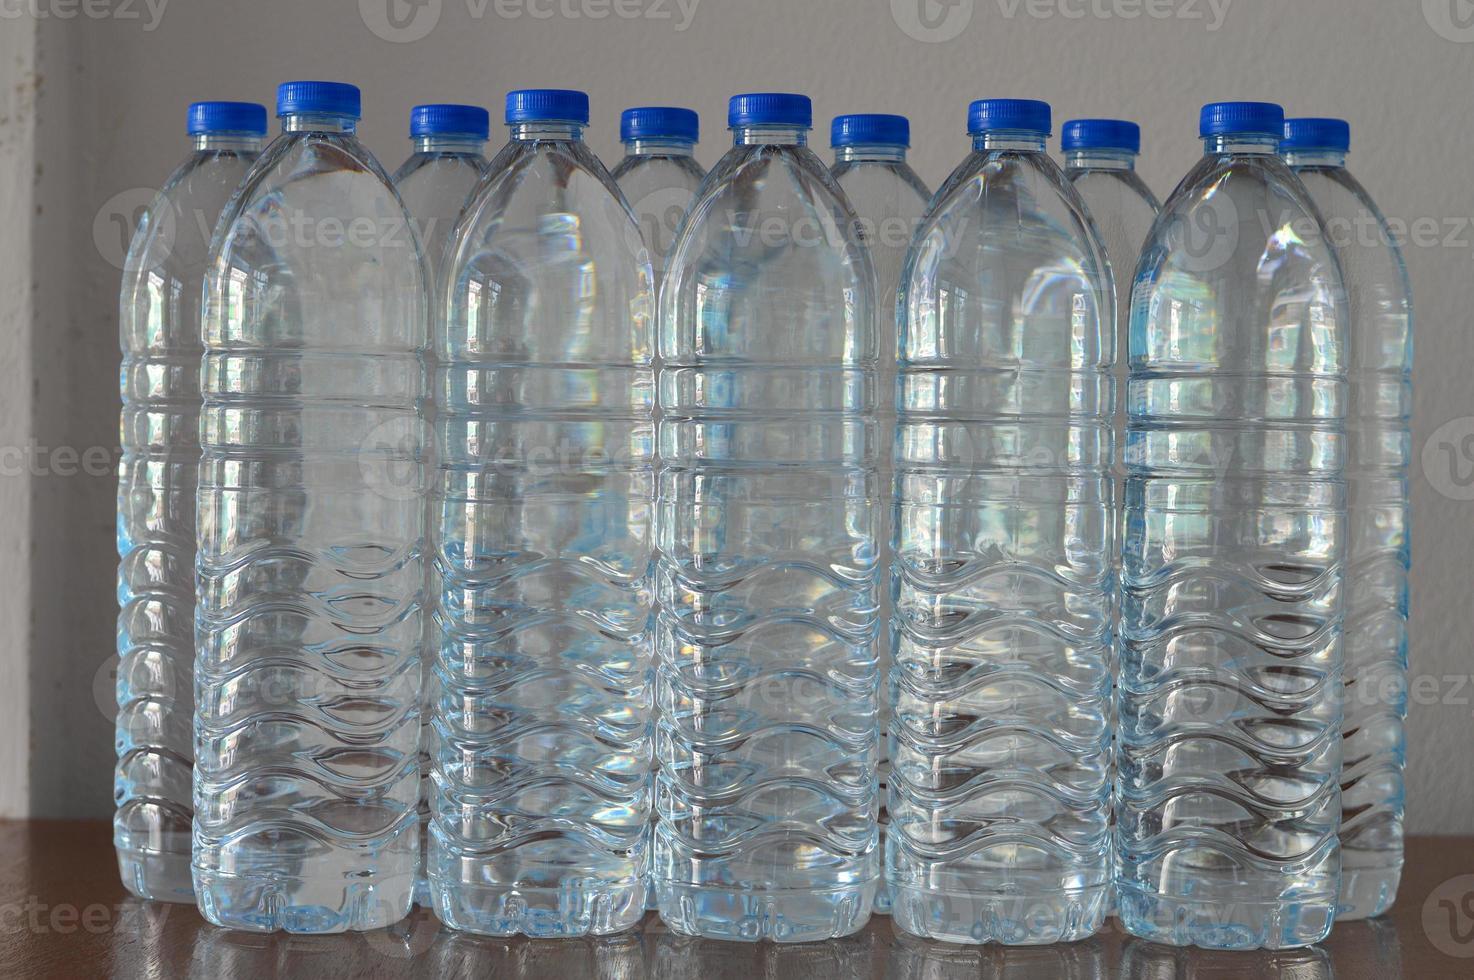 righe di bottiglie d'acqua in plastica sul tavolo foto